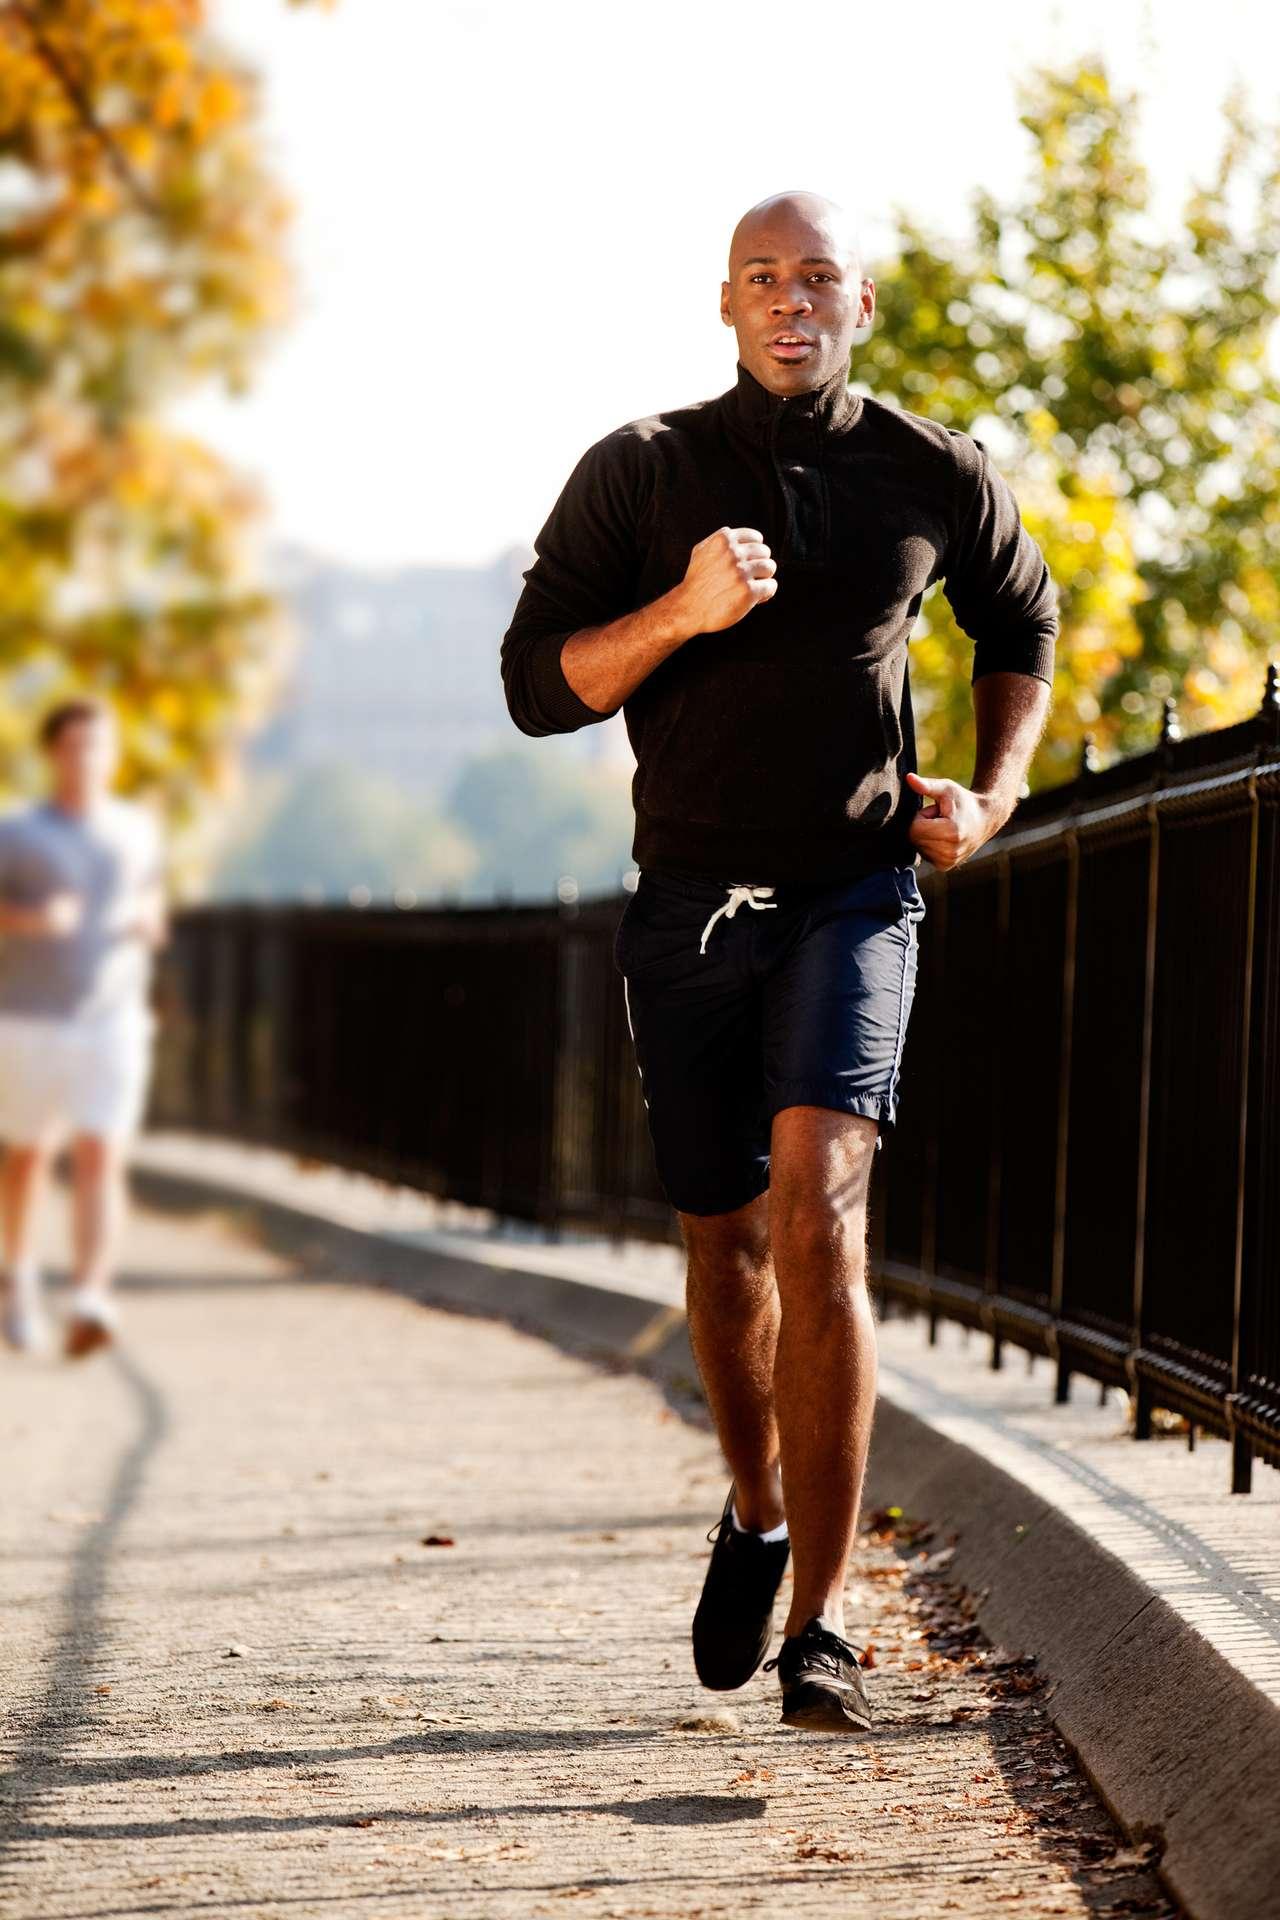 Le matin est le moment idéal pour faire du sport. © Fotolia